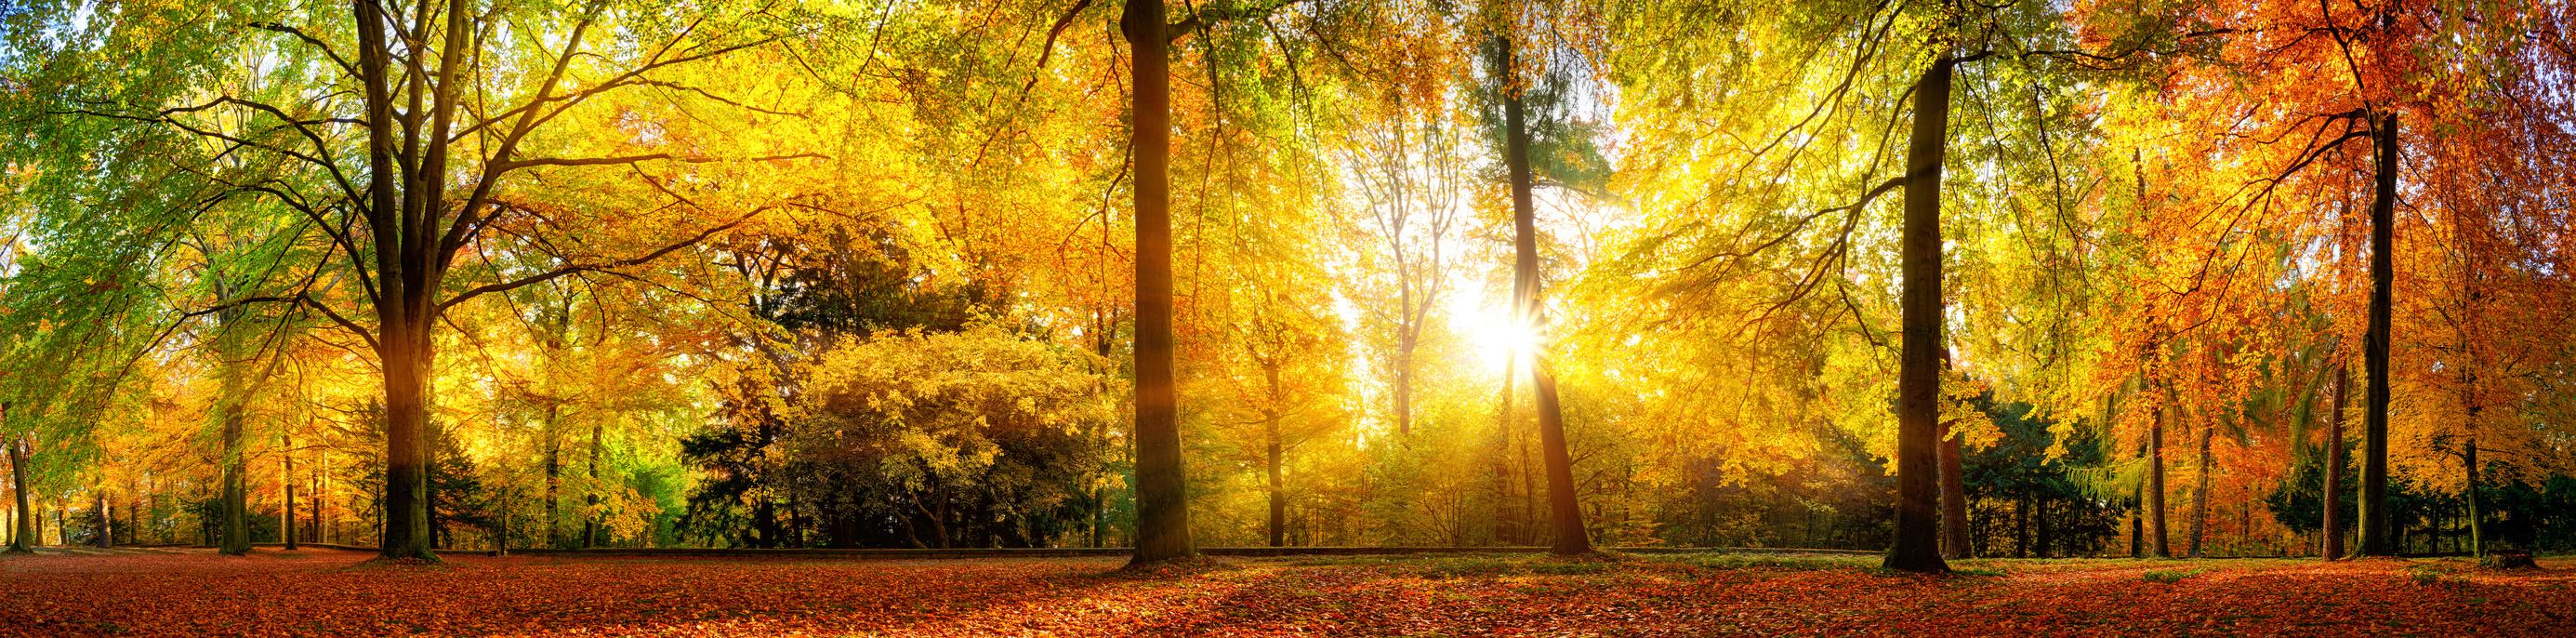 Ruhe und Gelassenheit dank Meditation